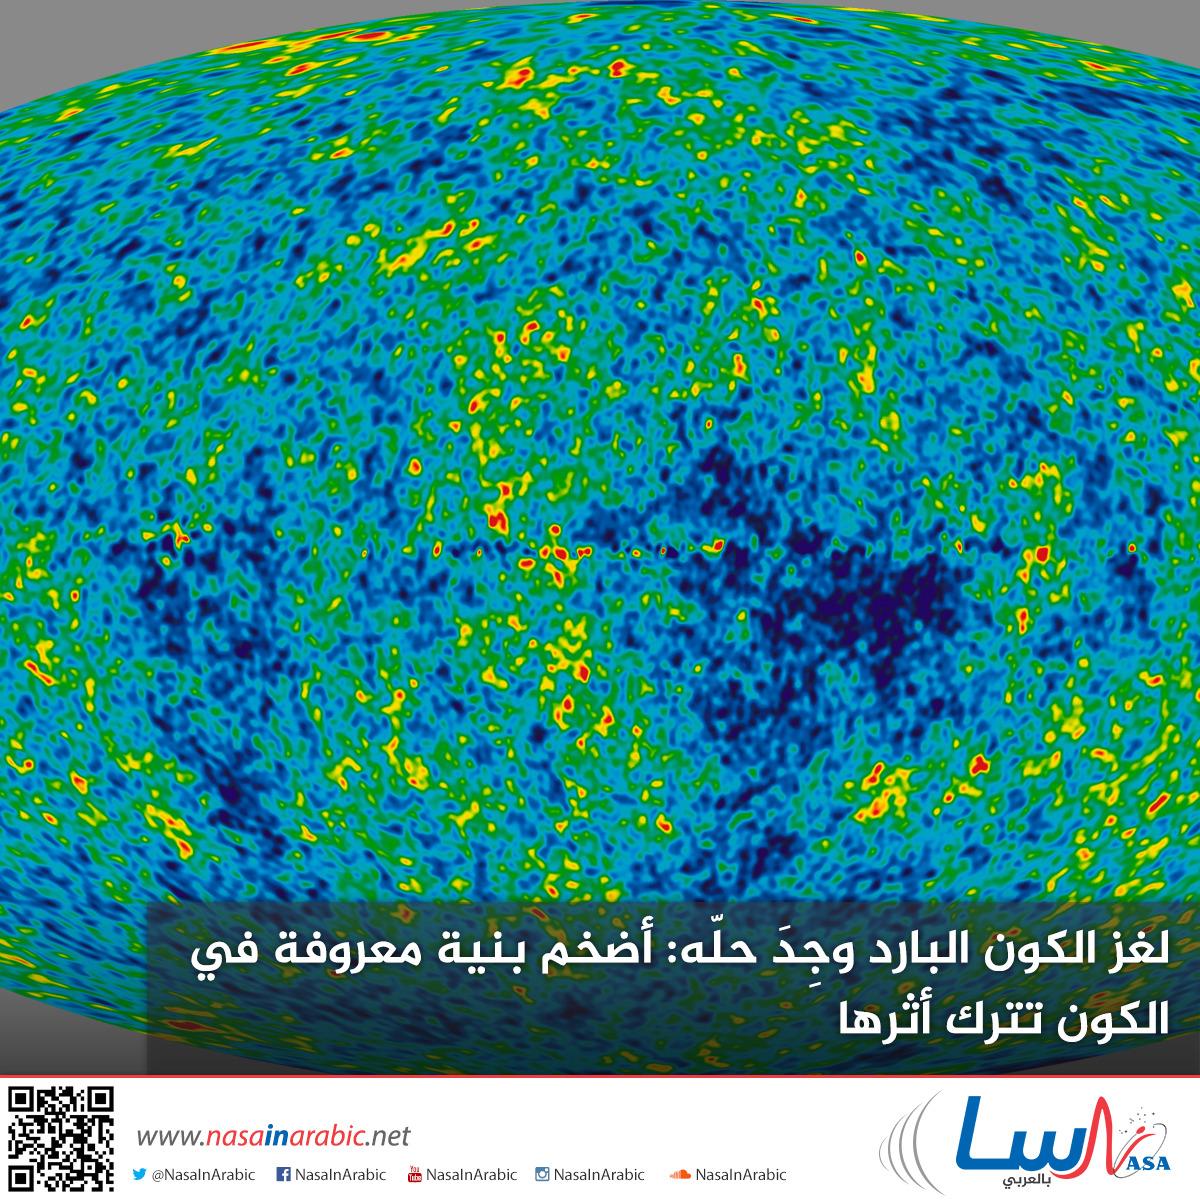 لغز الكون البارد وجِدَ حلّه: أضخم بنية معروفة في الكون تترك أثرها